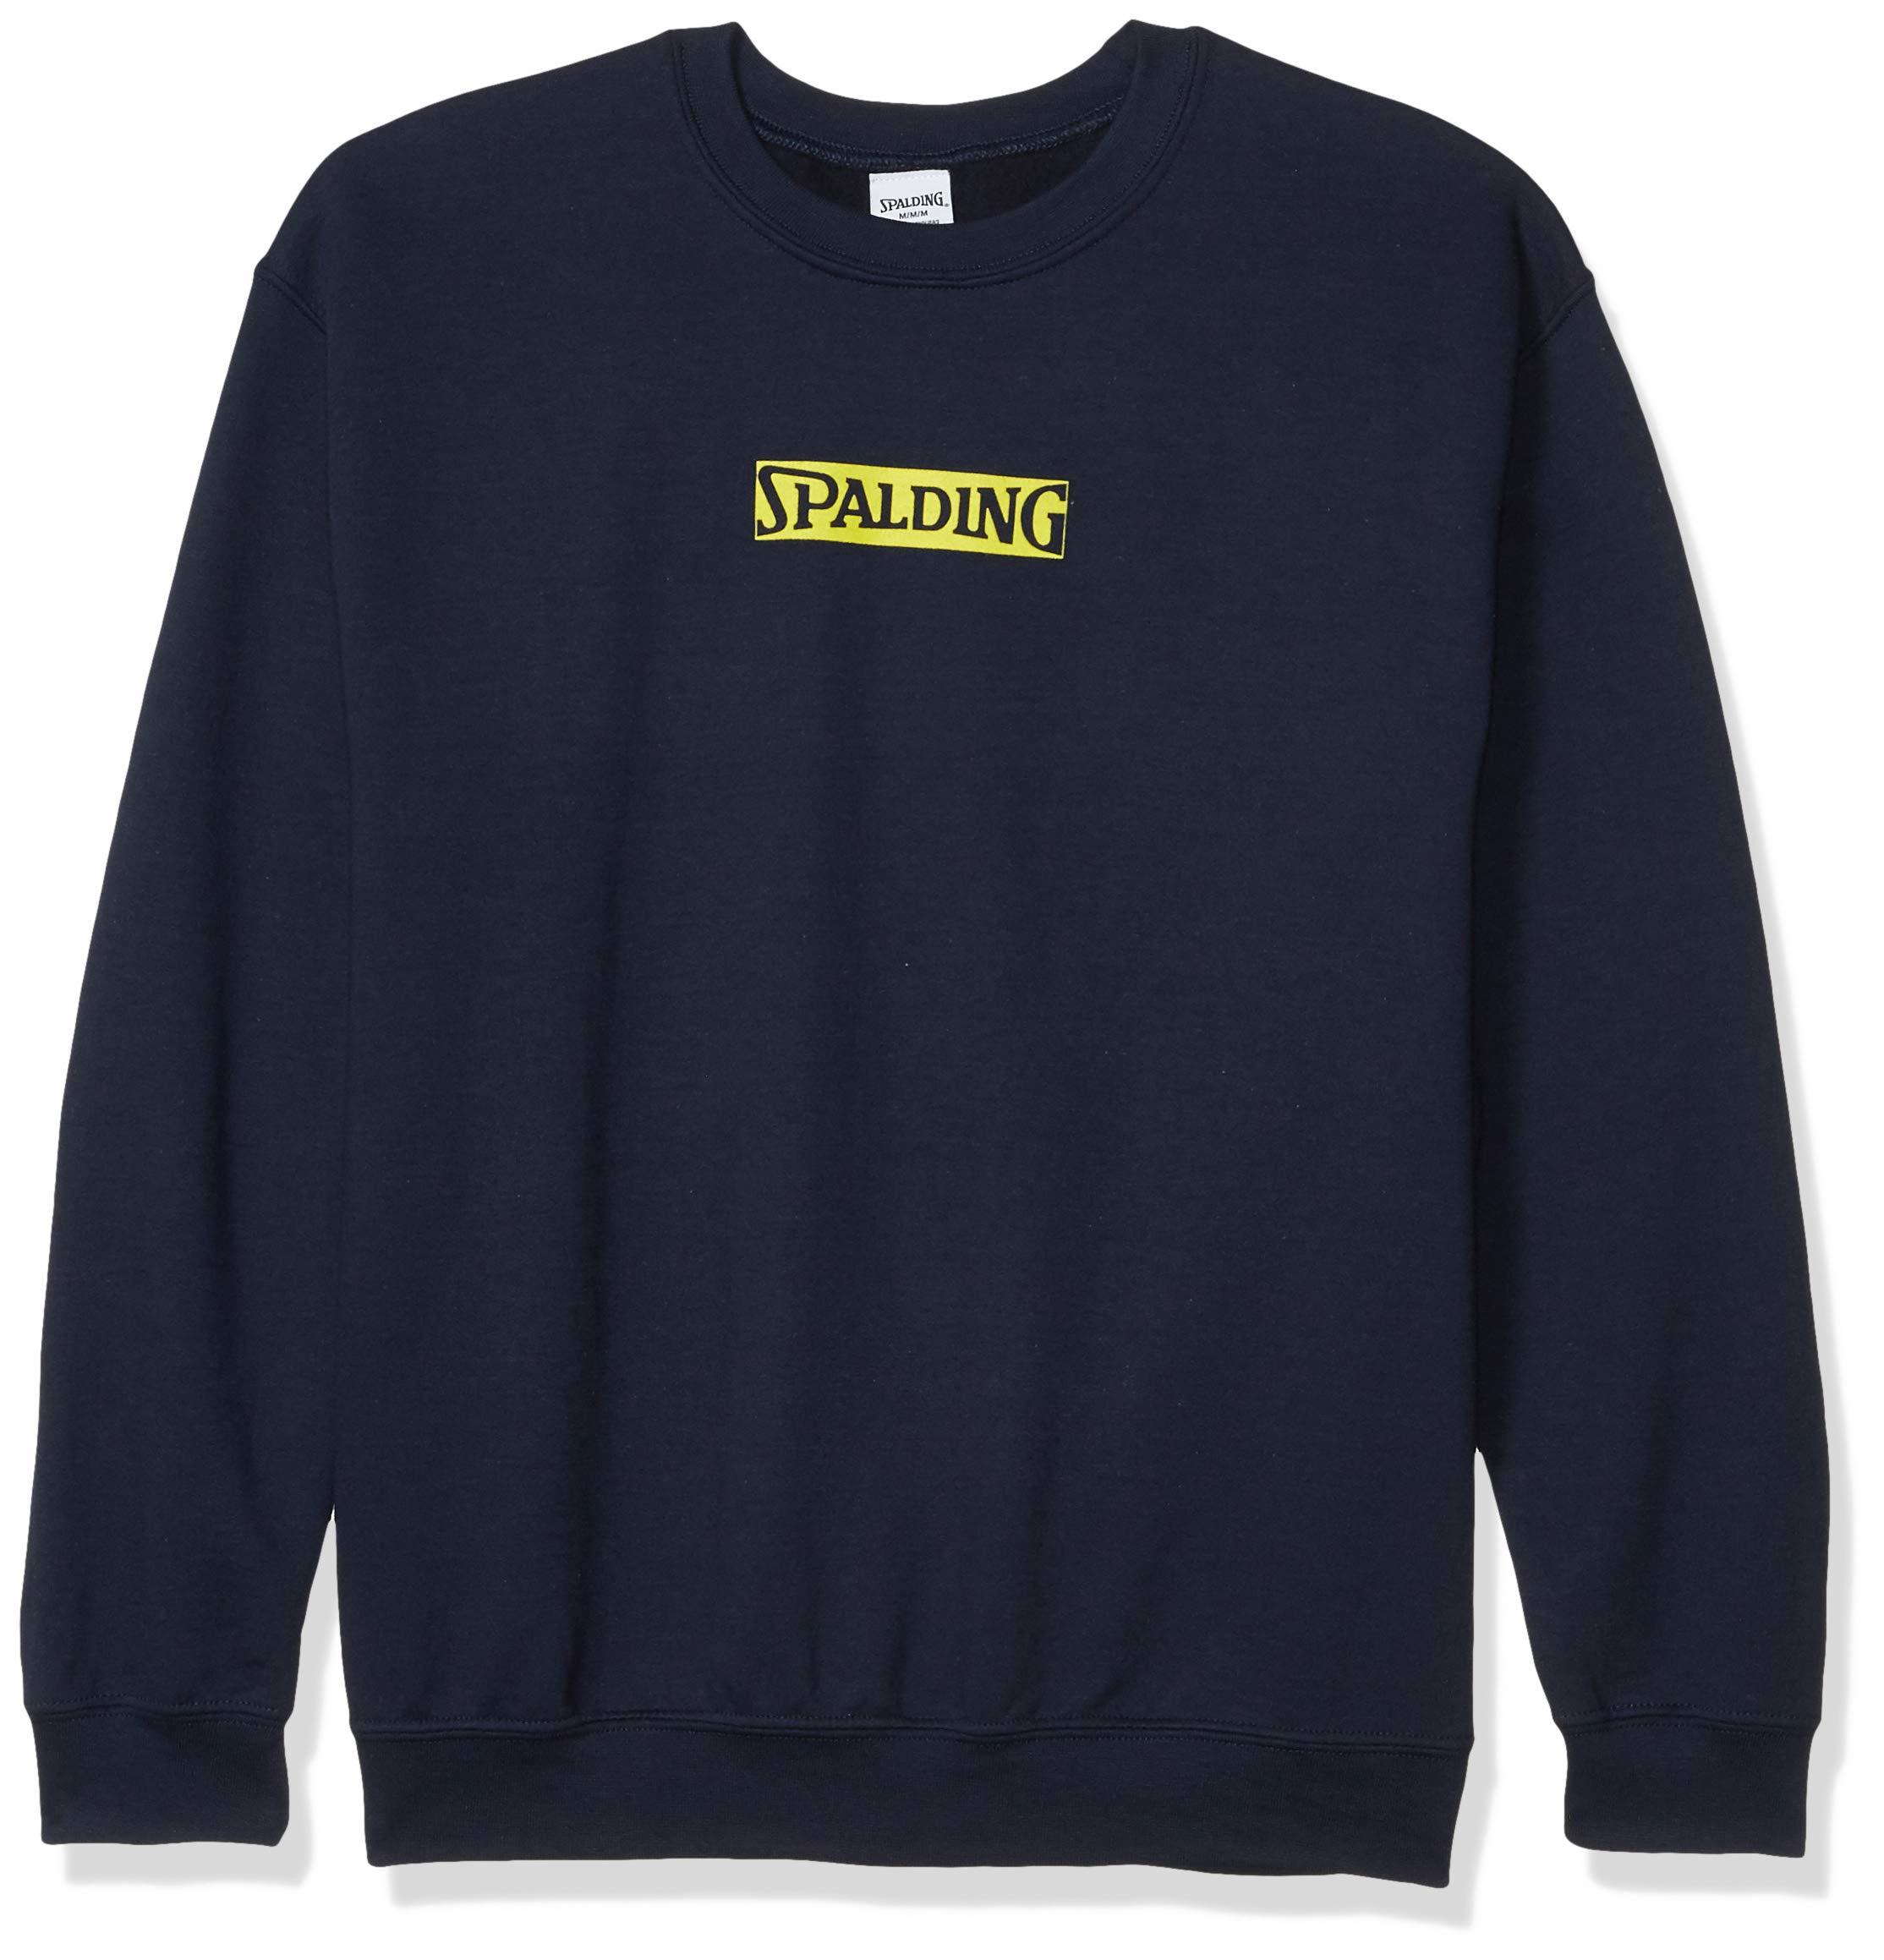 Spalding Men's Brand Logo Crew Neck Cotton Fleece Sweatshirt